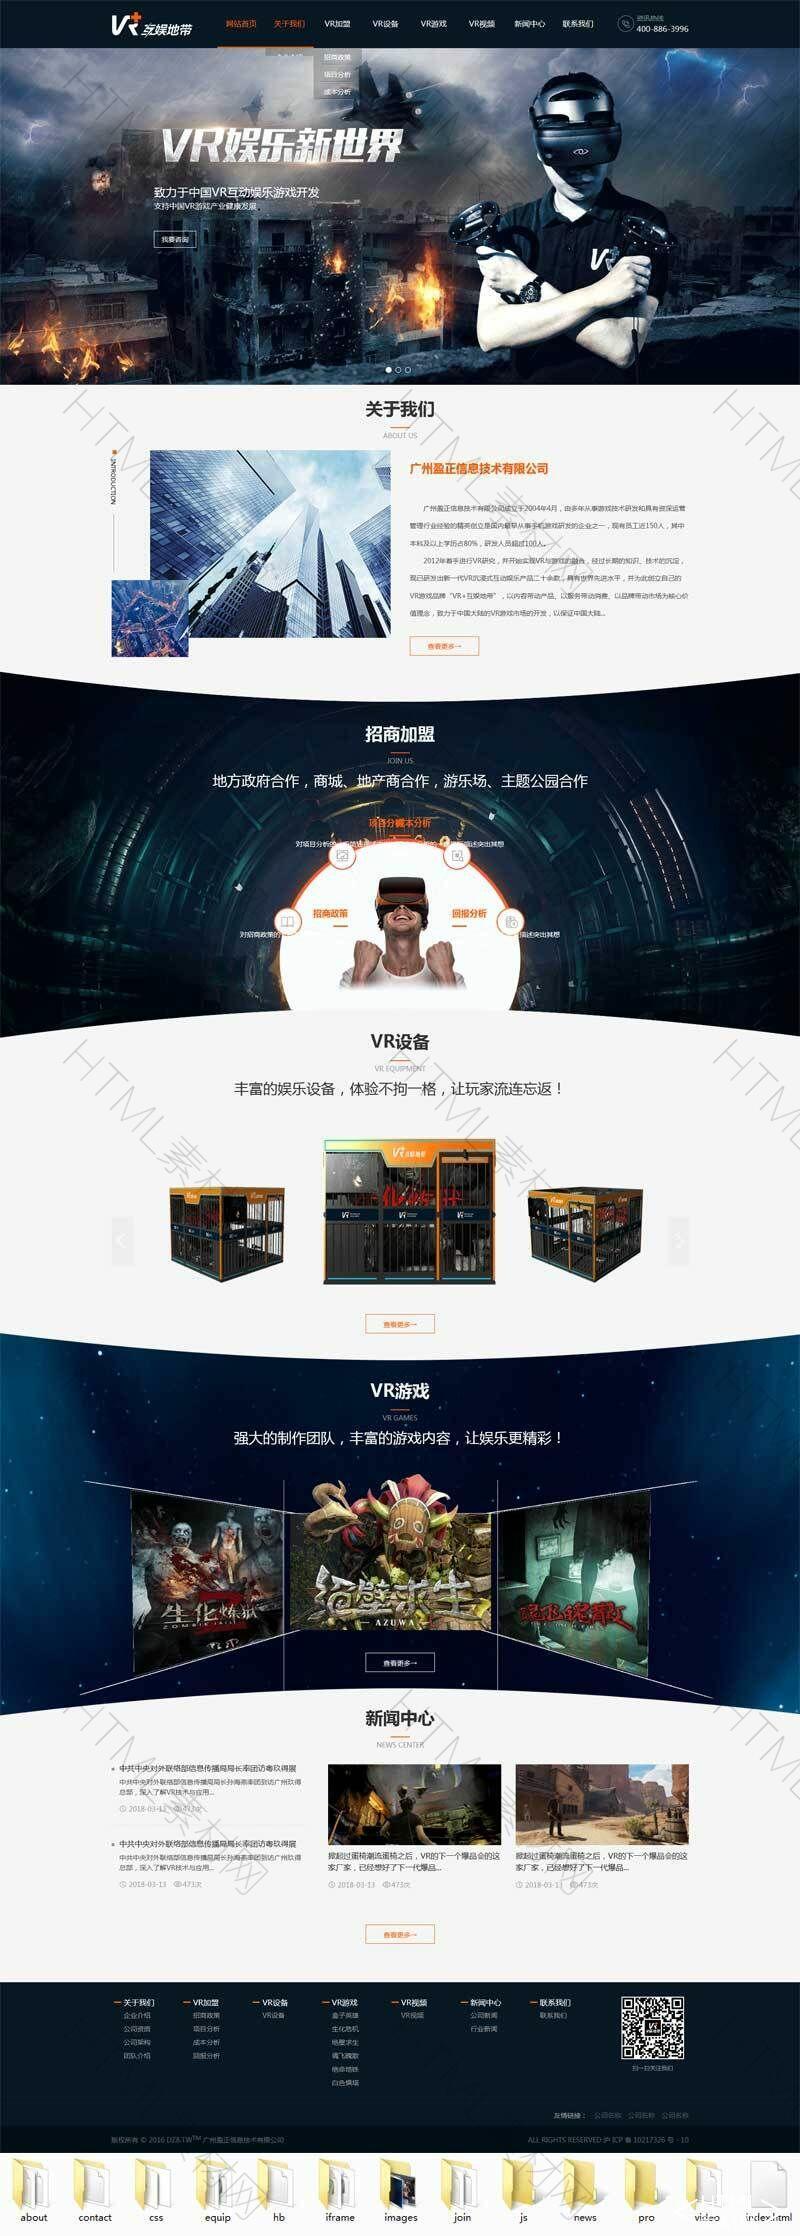 大气的VR娱乐游戏开发企业官网html模板.jpg